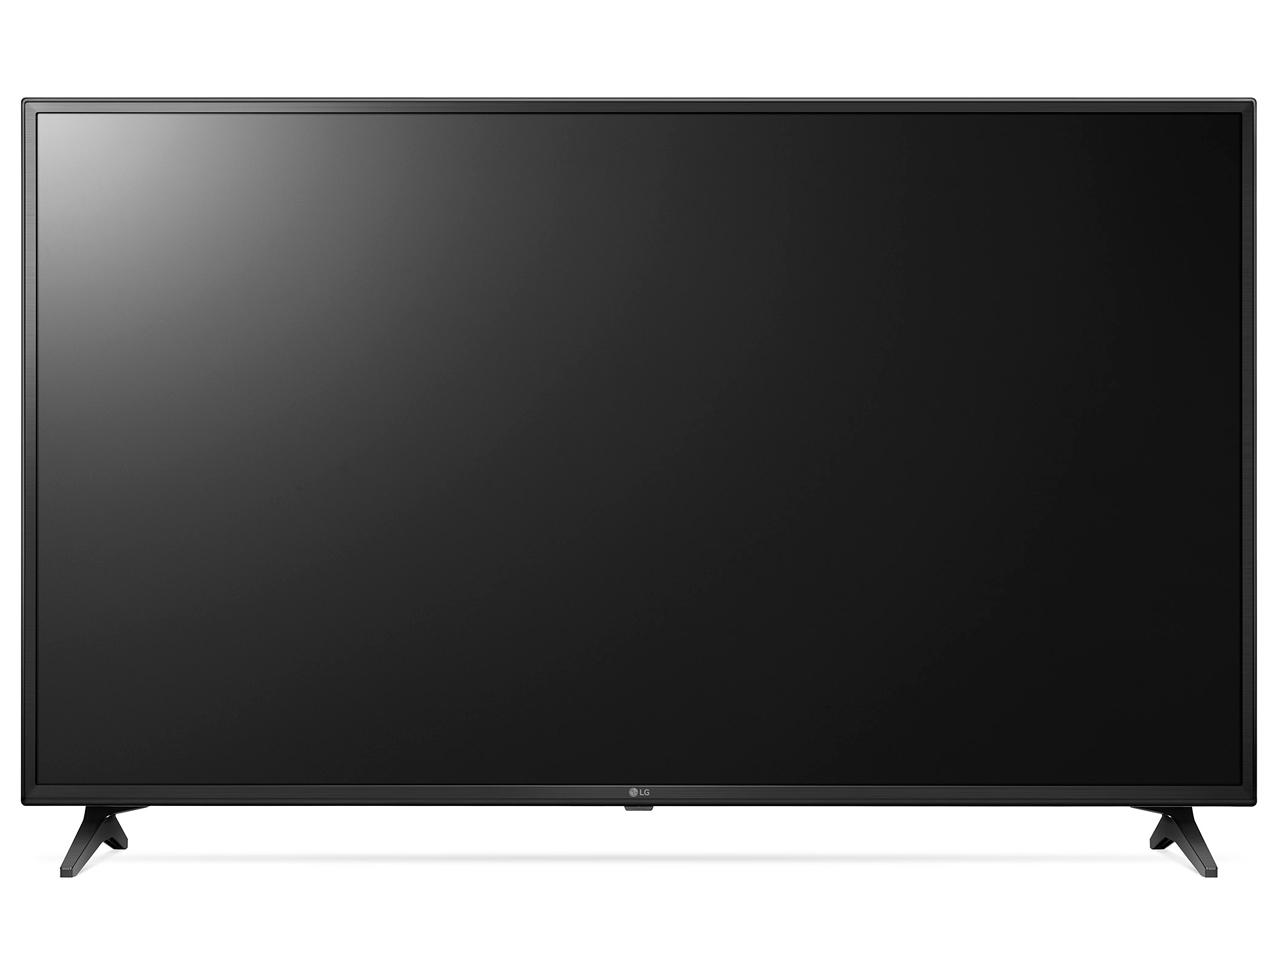 LGの49型液晶テレビ:49UM7100PJA